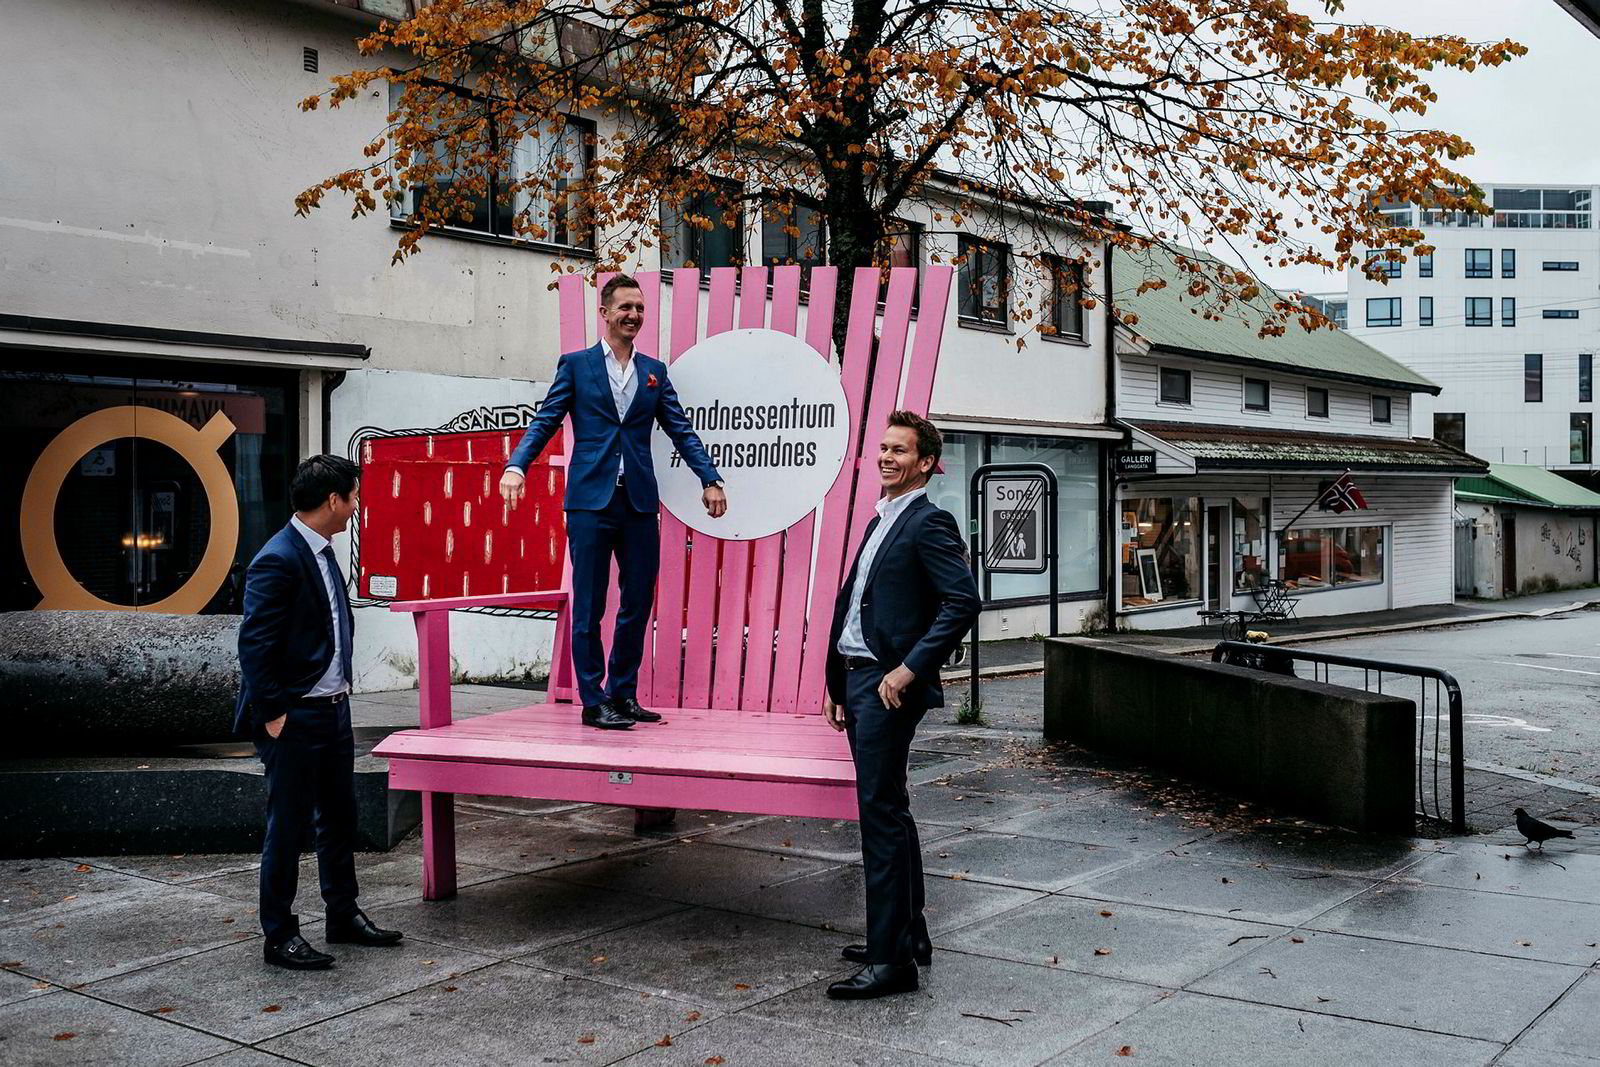 Partnerne Thomas Mjeldheim, til venstre, og Kjetil Andersen, i midten, sammen med finansdirektør Stian Dreyer Sørensen, til høyre, på tomta der de skal bygge hotell.